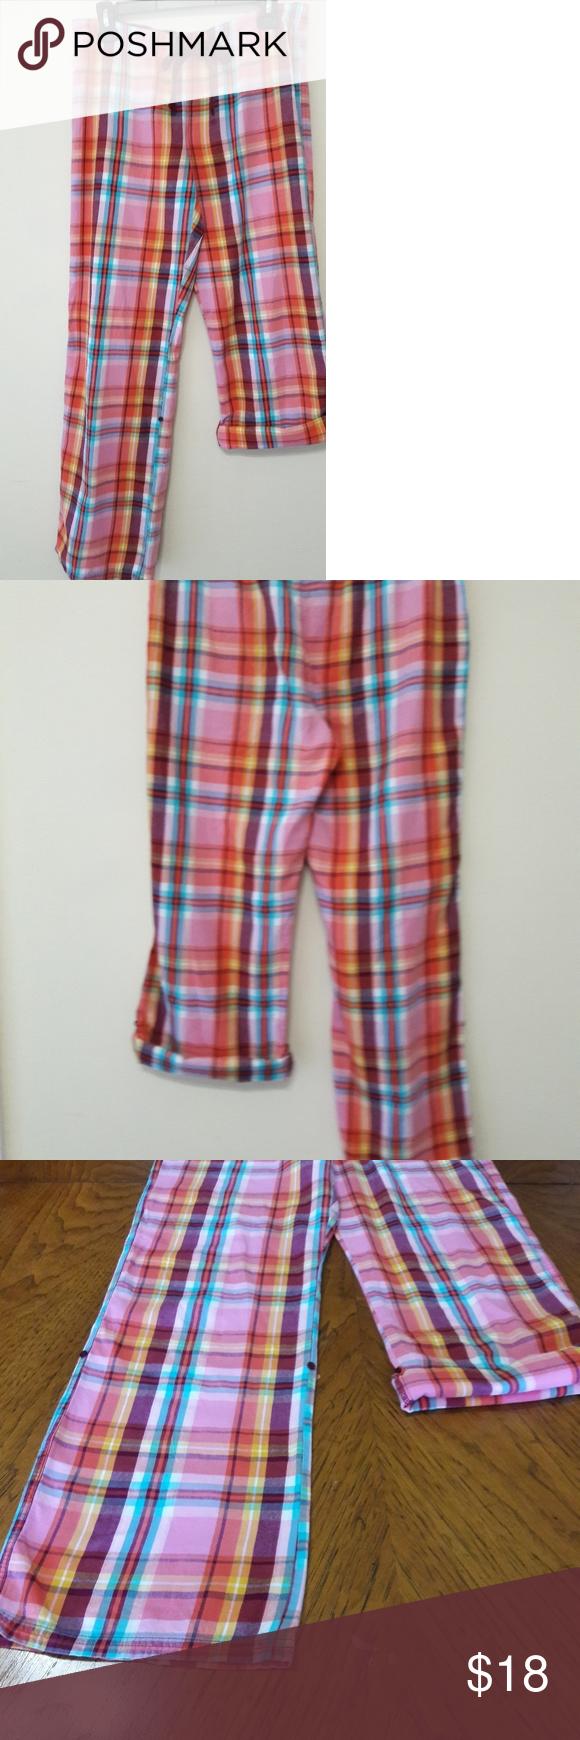 2bd869185d AERO Drawstring Pajamas Bottom AERO Pajamas with Drawstring Belt (Burgundy  Color) are Plaid with